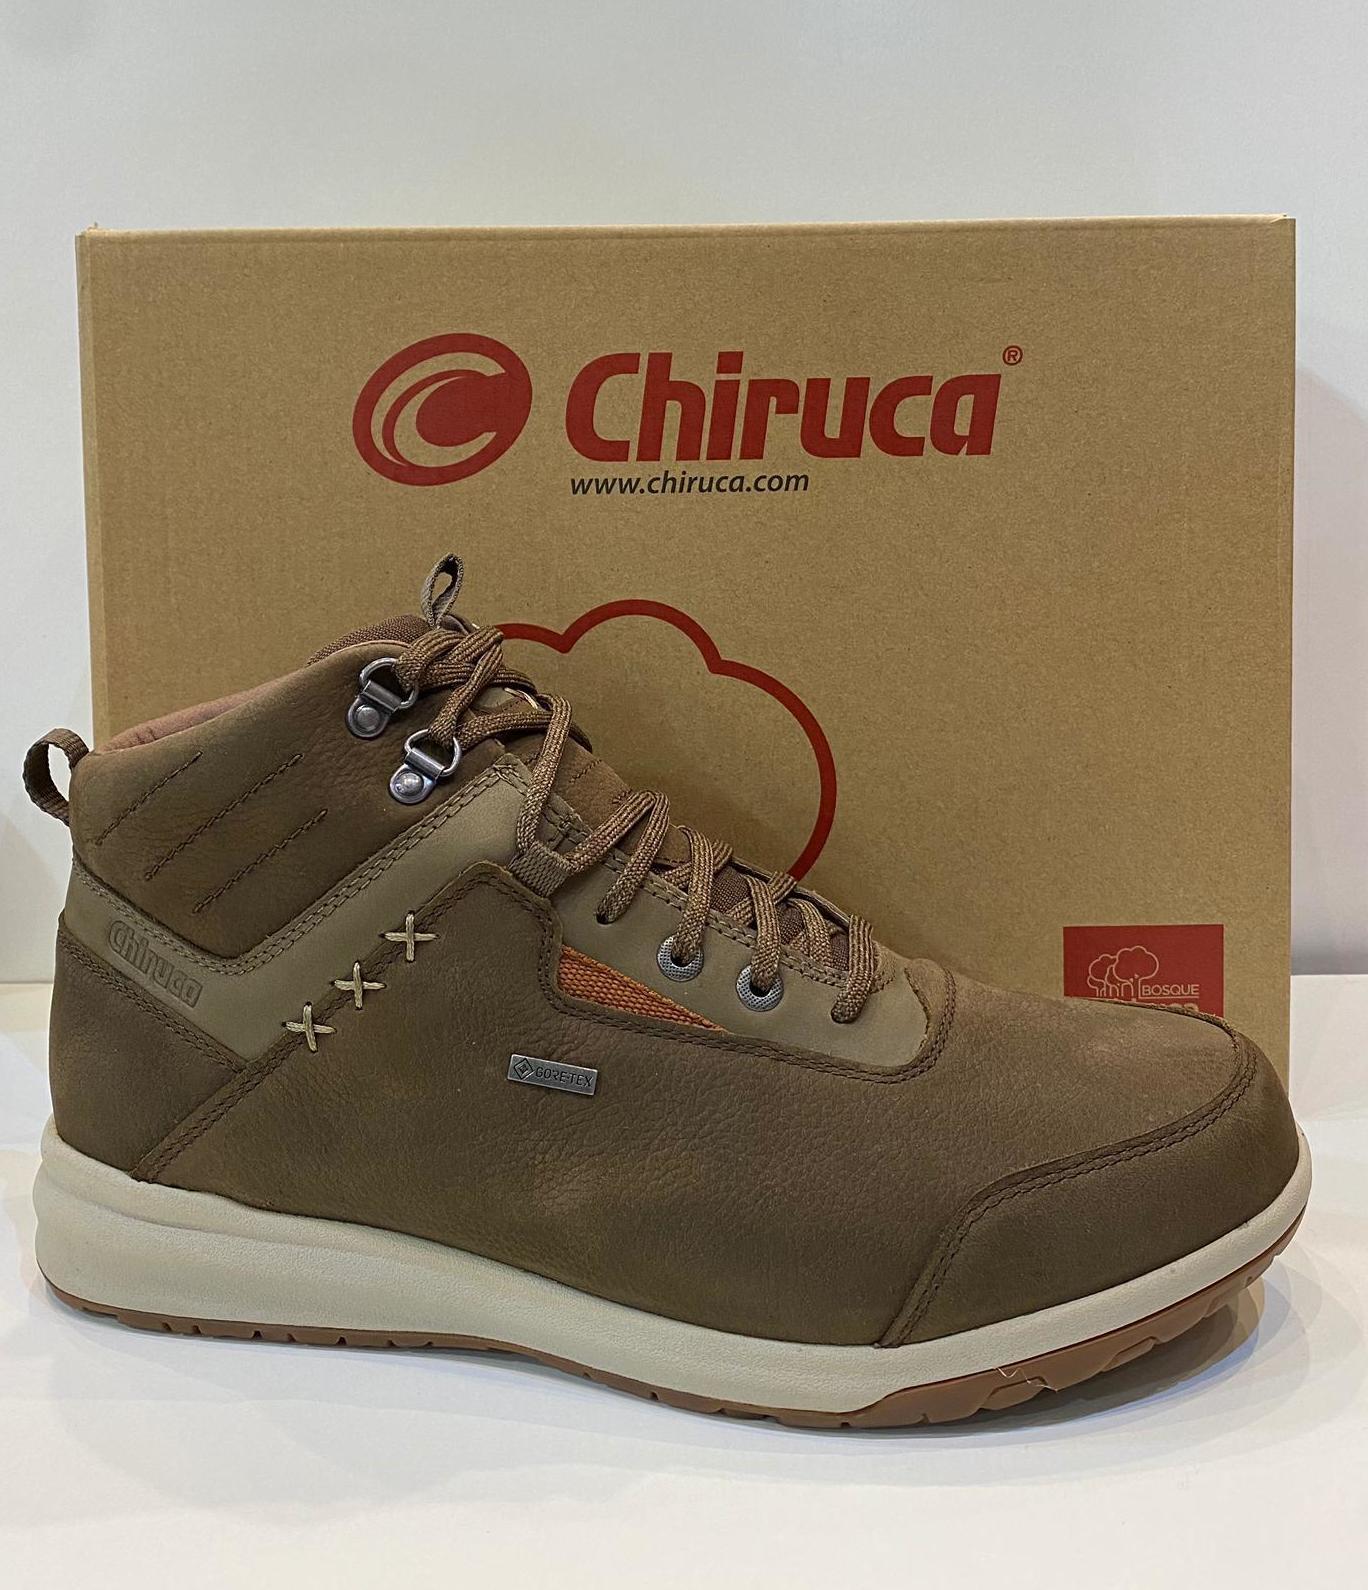 Botí d'home, de la marca Chiruca, de nobuck hidrofugat, ample especial, adaptable a plantilles ortopèdiques, amb Gore-Tex 127.50€